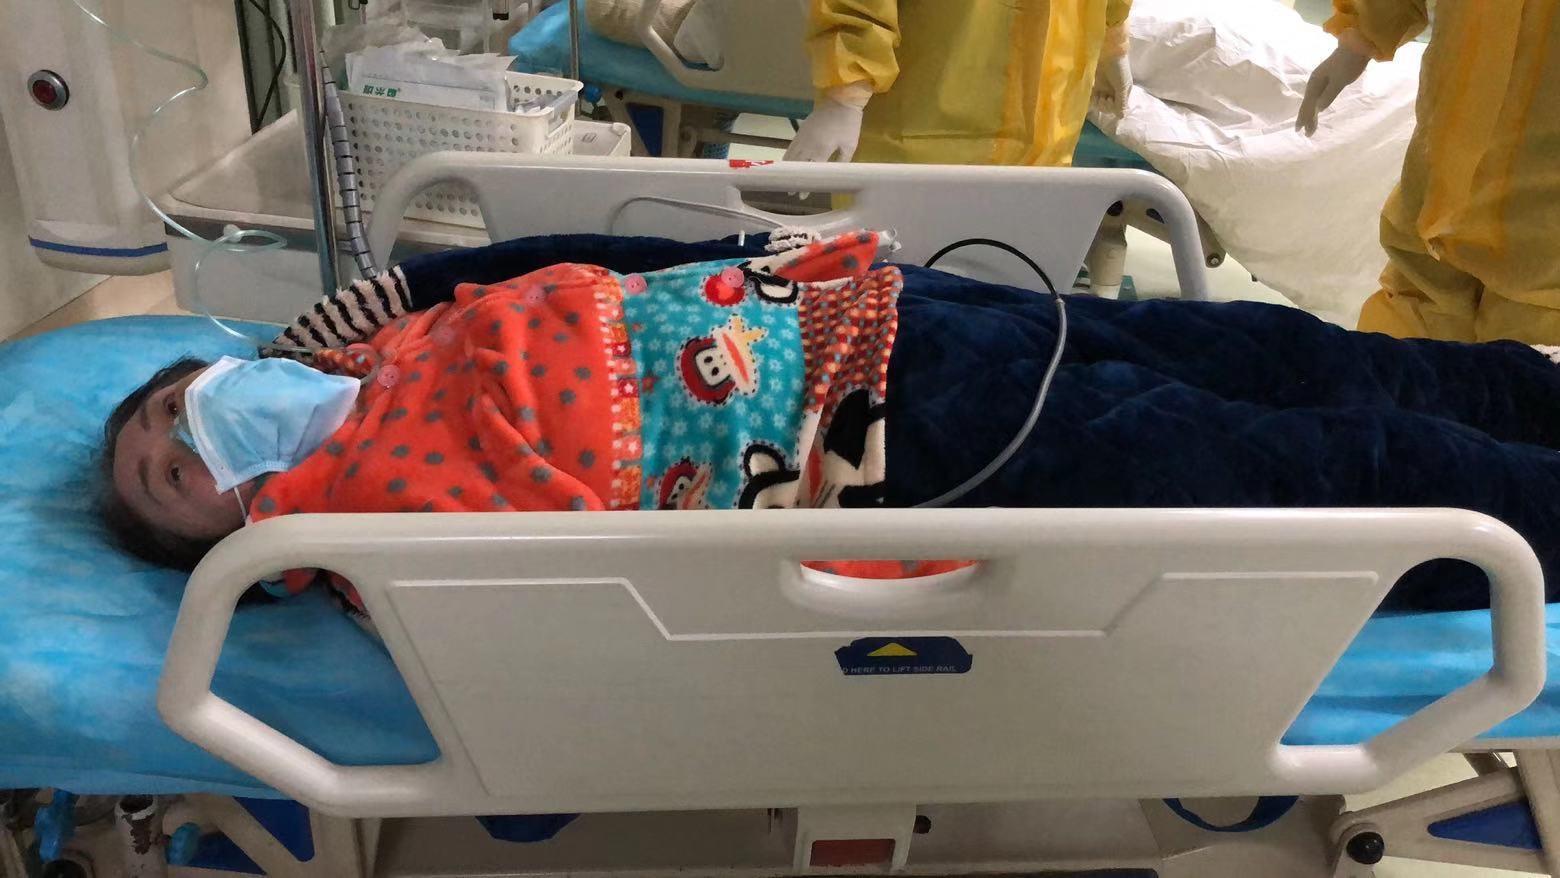 圖說:陳女士2020年1月28日從國外趕回中國,奮力衝破新薩斯瘟疫中的「死循環」,竭力搶救病危的母親。圖為陳女士母親在武漢醫院中吸氧、等待救治的照片。(圖片來源:受訪人提供)